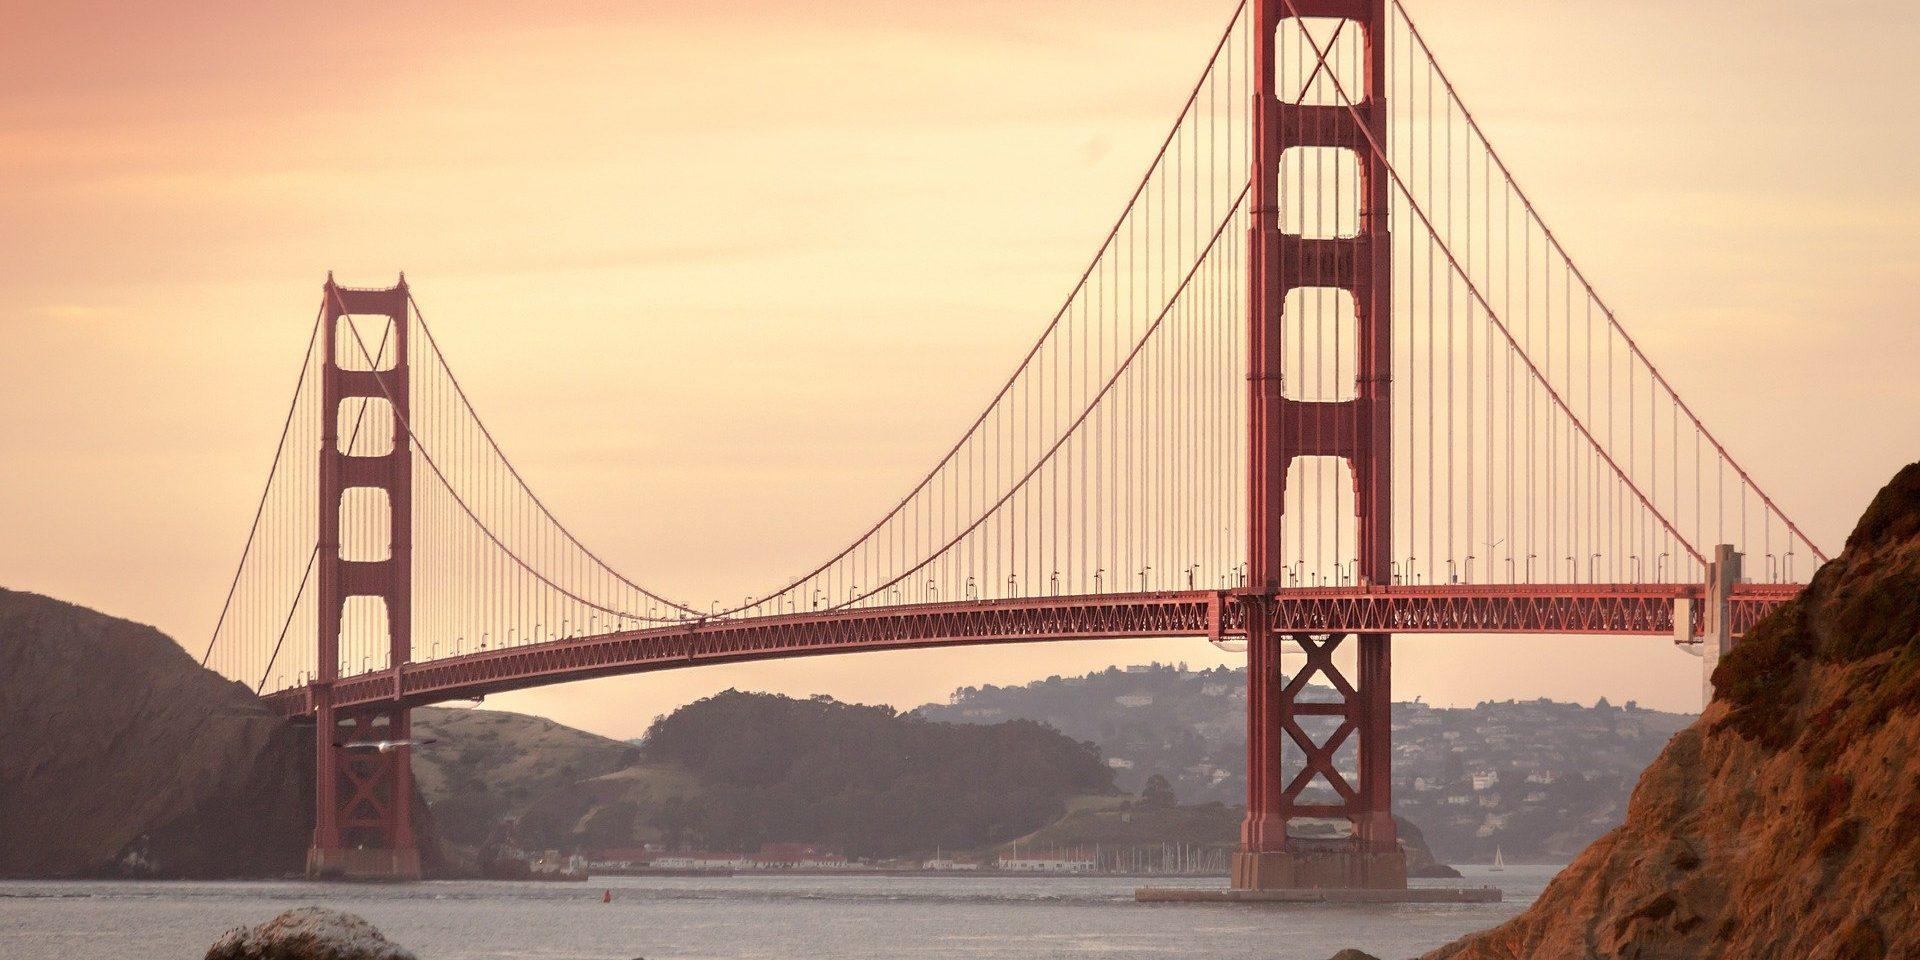 «Автодор» запустил цифровую технологию для оценки состояния мостов